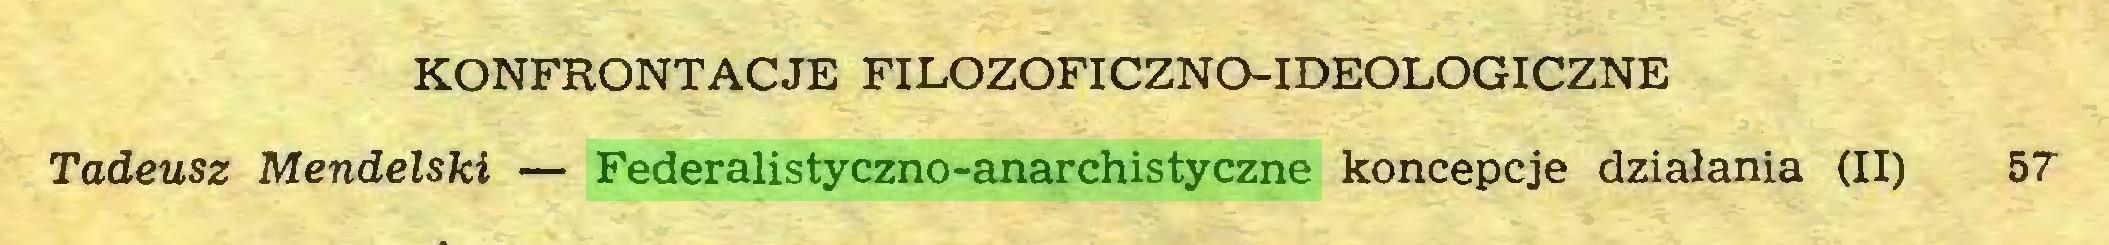 (...) KONFRONTACJE FILOZOFICZNO-IDEOLOGICZNE Tadeusz Mendelski — Federalistyczno-anarchistyczne koncepcje działania (II) 57...